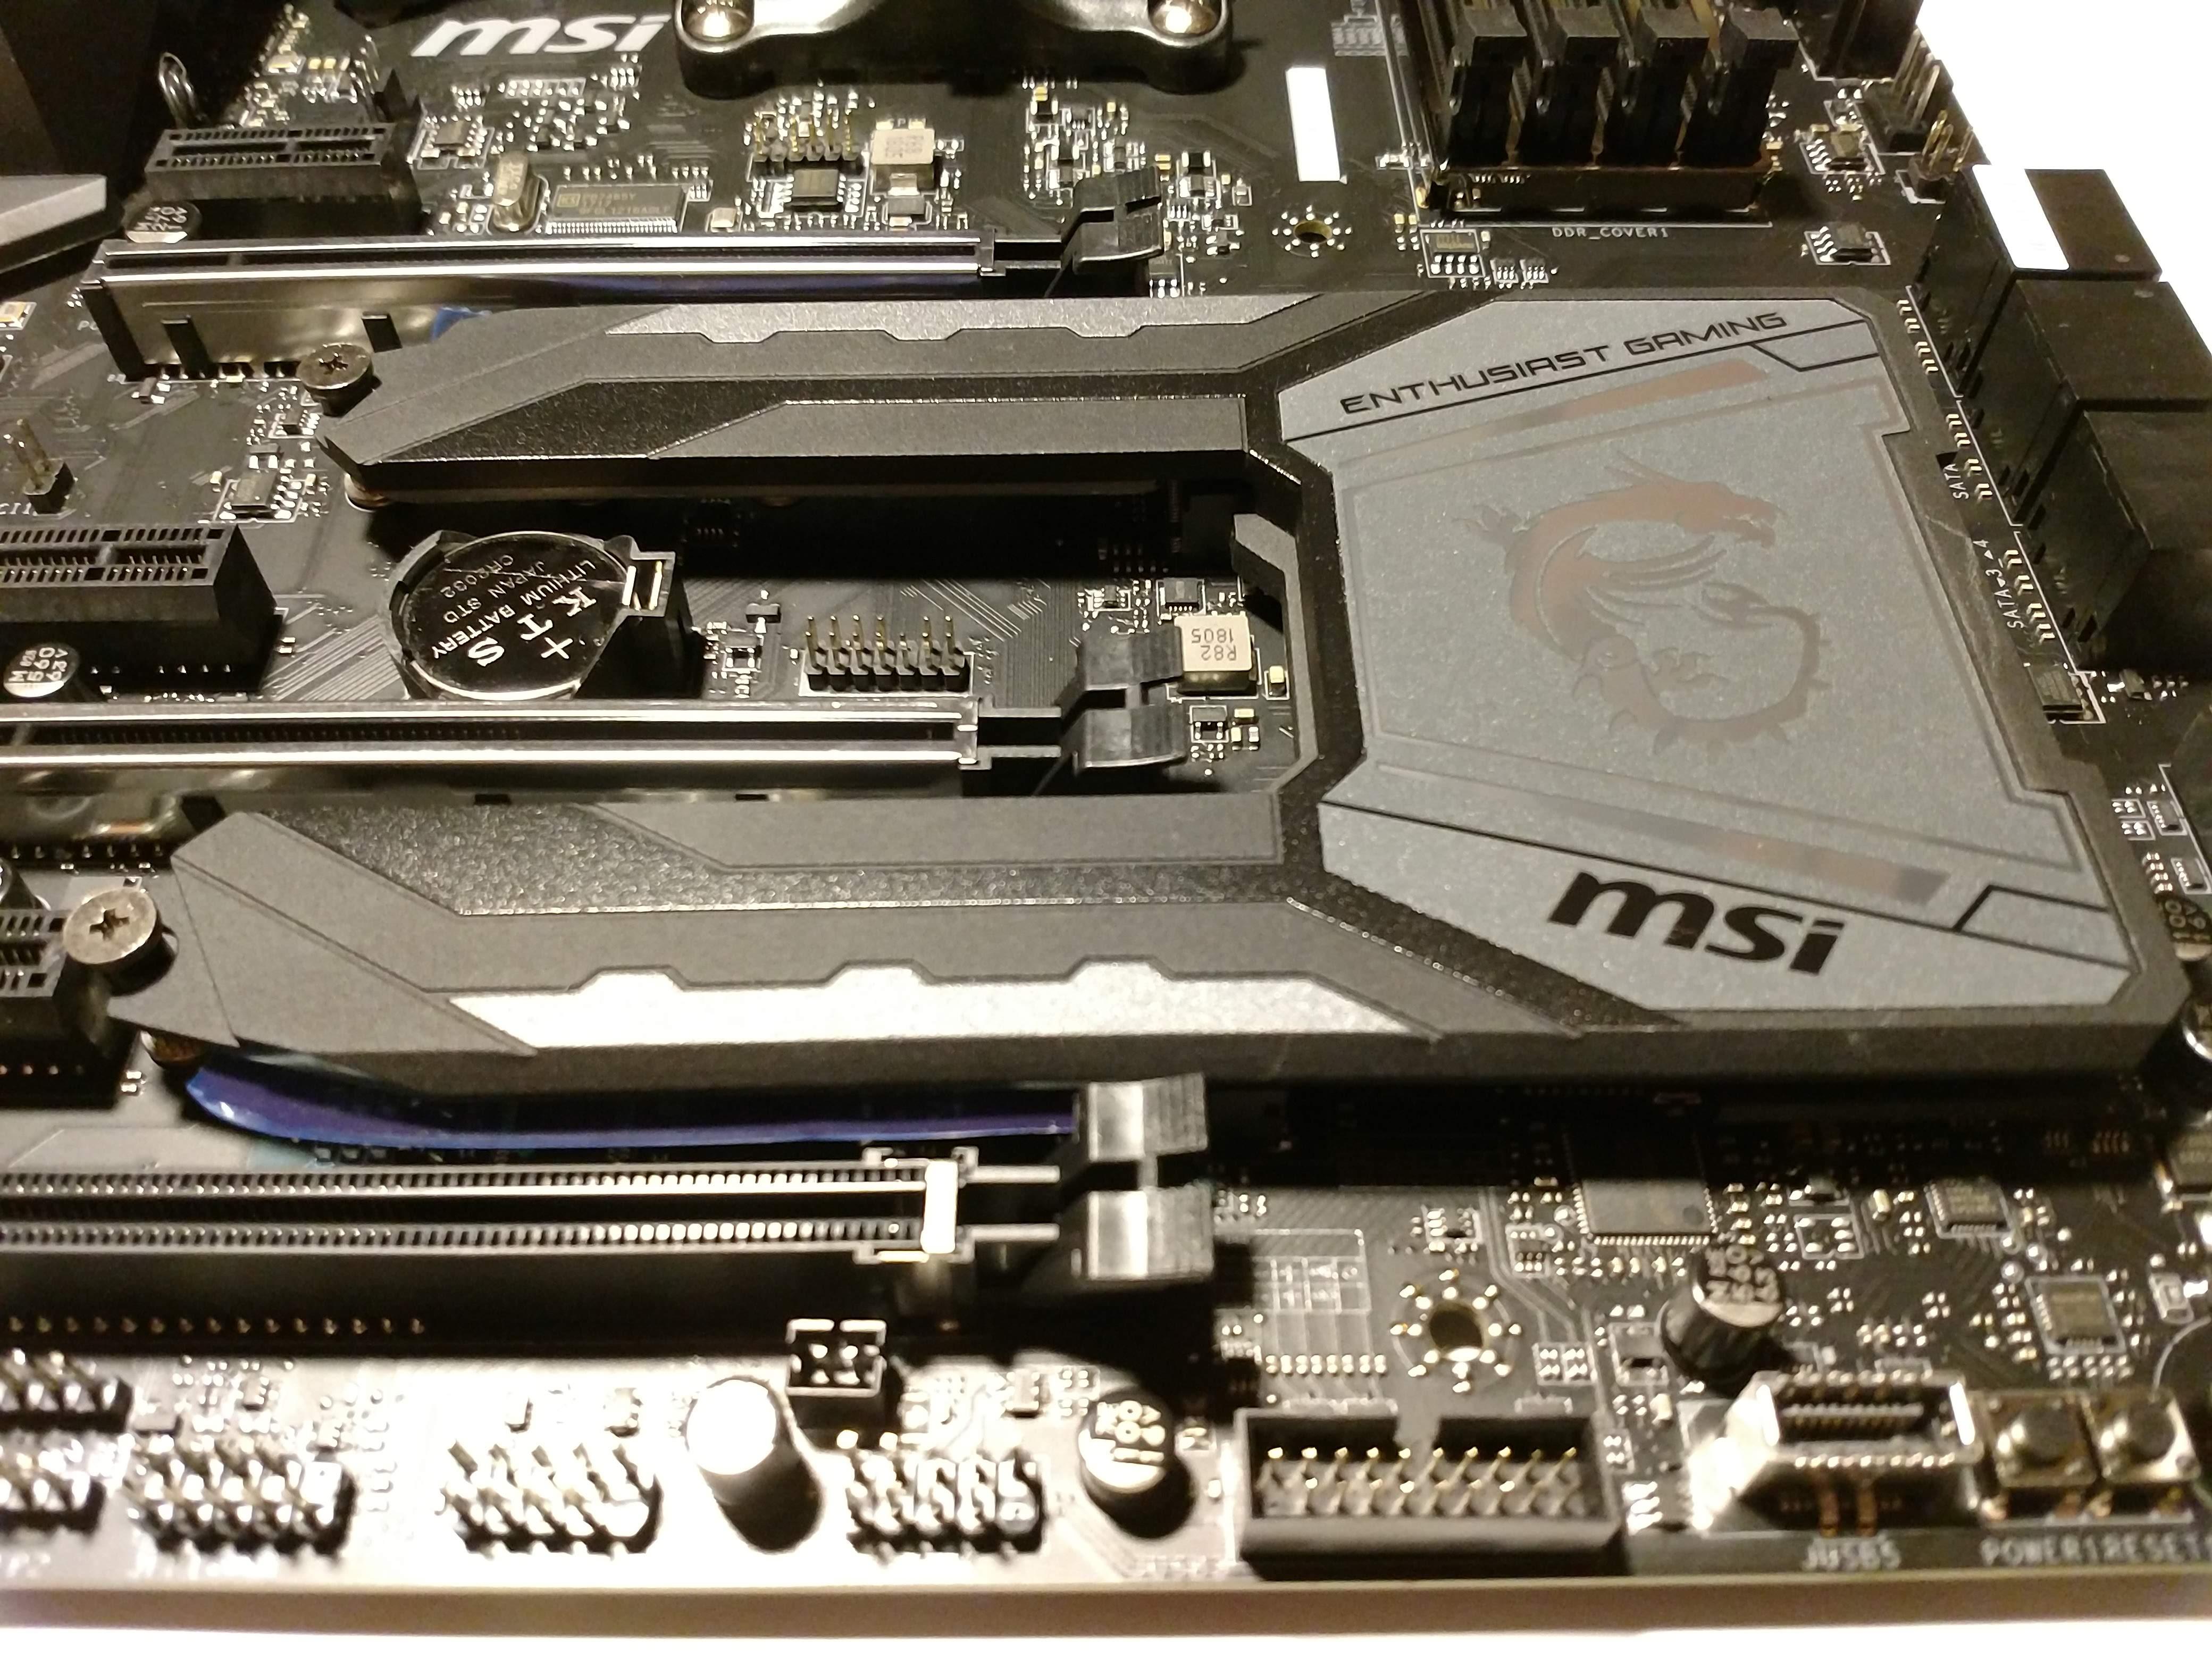 Klicken Sie auf die Grafik für eine größere Ansicht  Name:38. MSI X470 Gaming M7 AC M.2 SHIELD FROZR.jpg Hits:46 Größe:1,06 MB ID:1000589